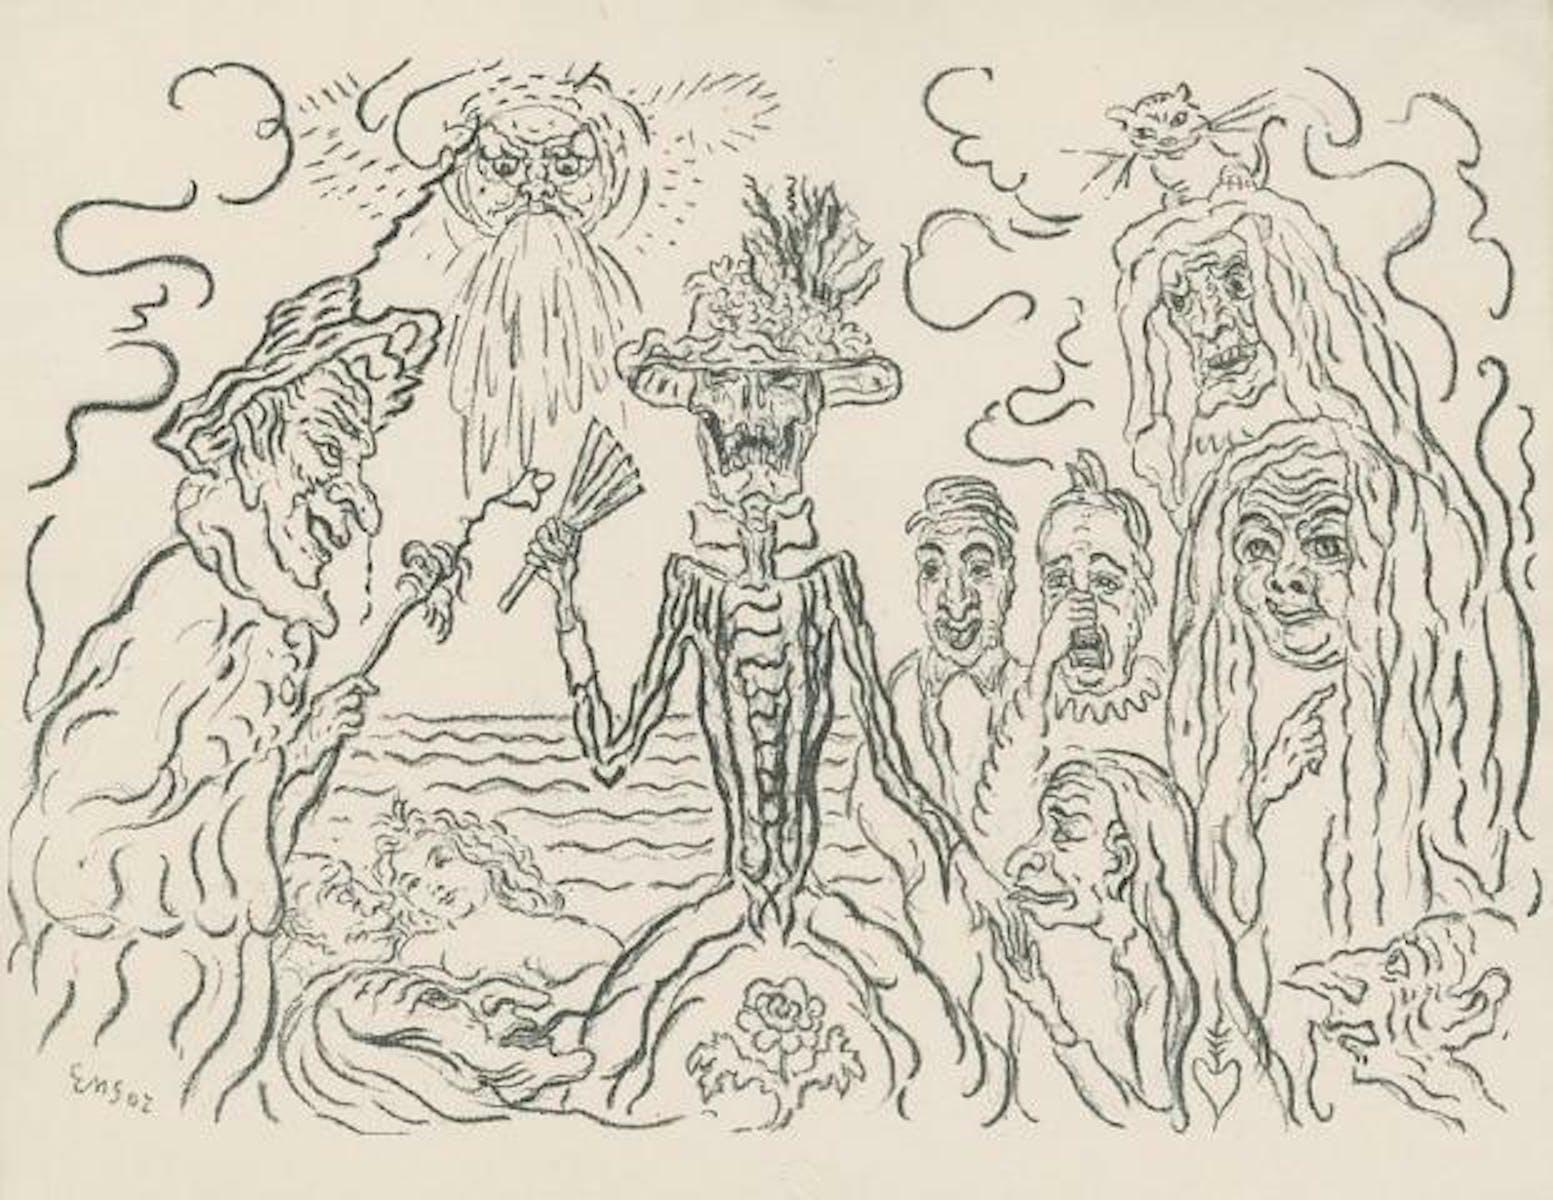 James Ensor, The Masks